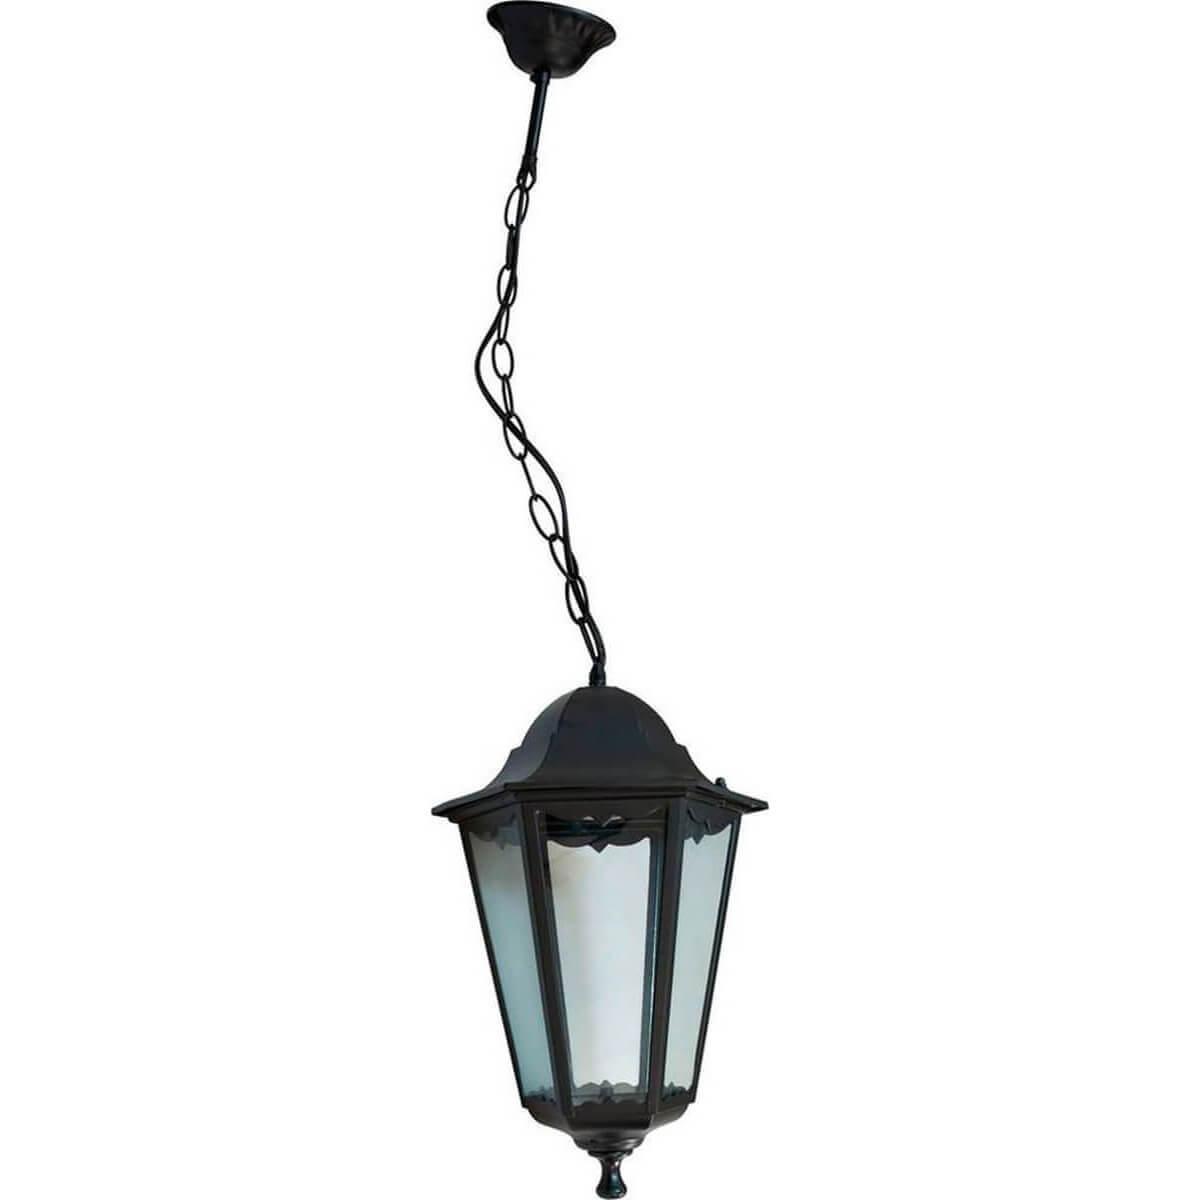 Уличный подвесной светильник Feron 6205 11072 подвесной светильник feron прага 11372